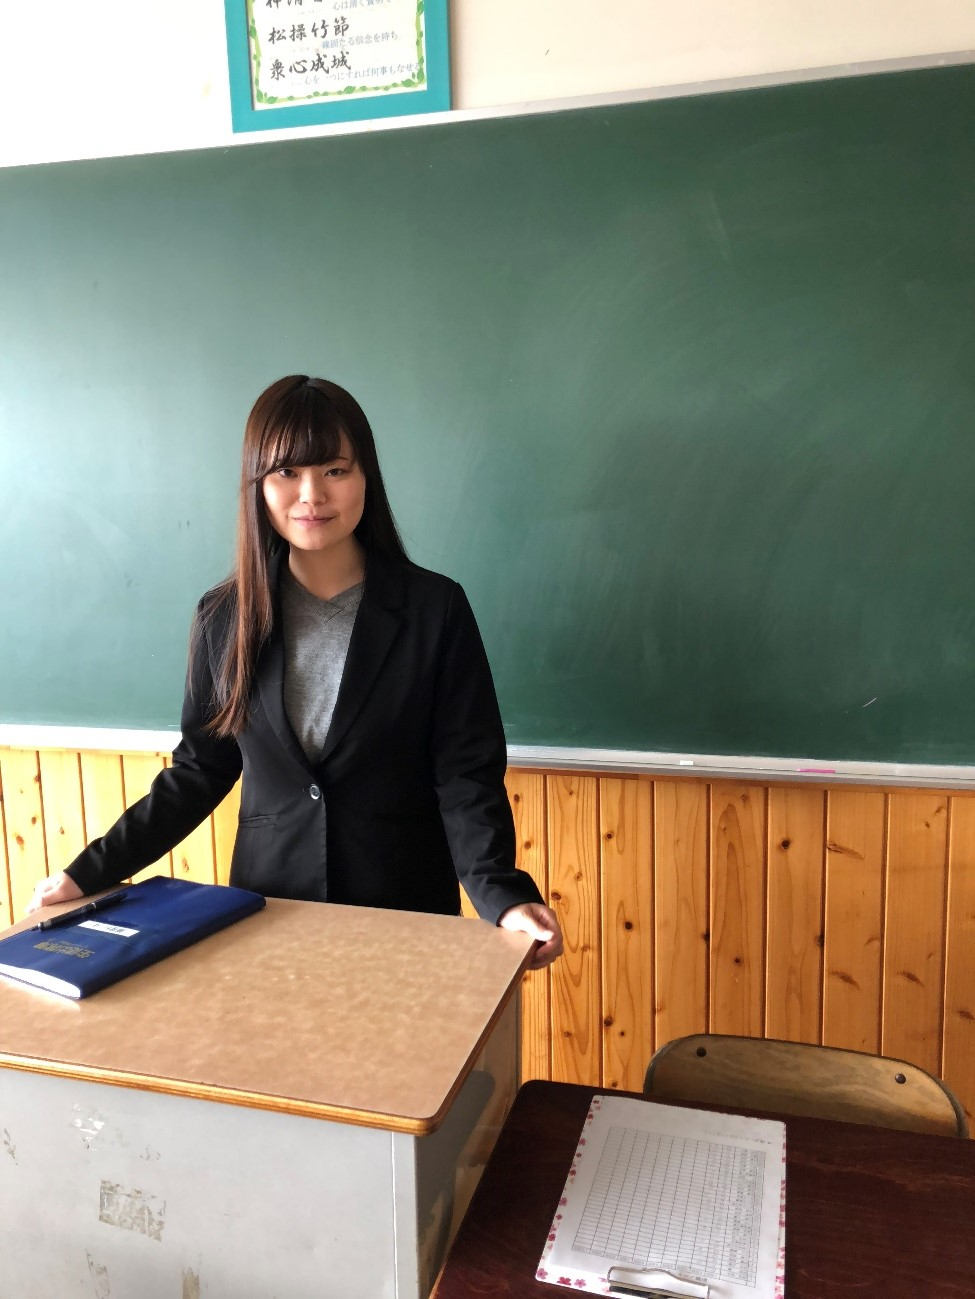 卒業生から:家庭科教諭として働いています